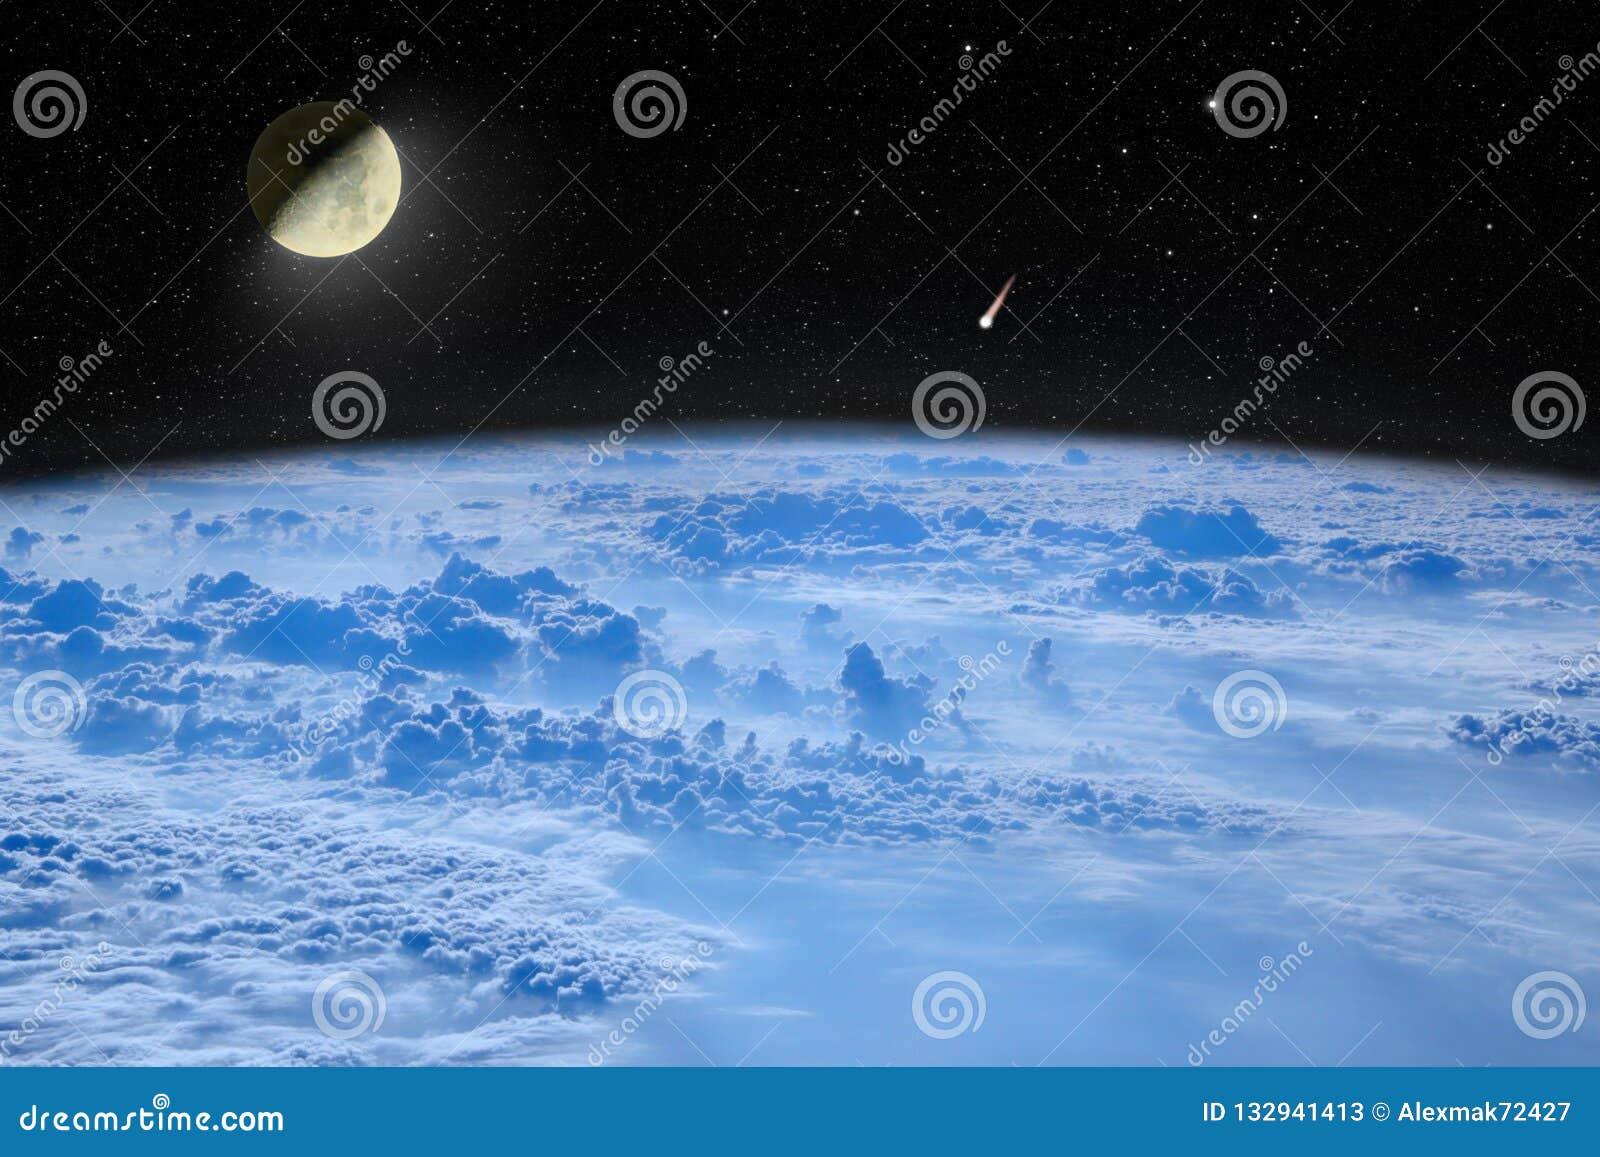 Луна в космосе над землей планеты космос моря рифов ландшафта Звездное небо с луной и кометой